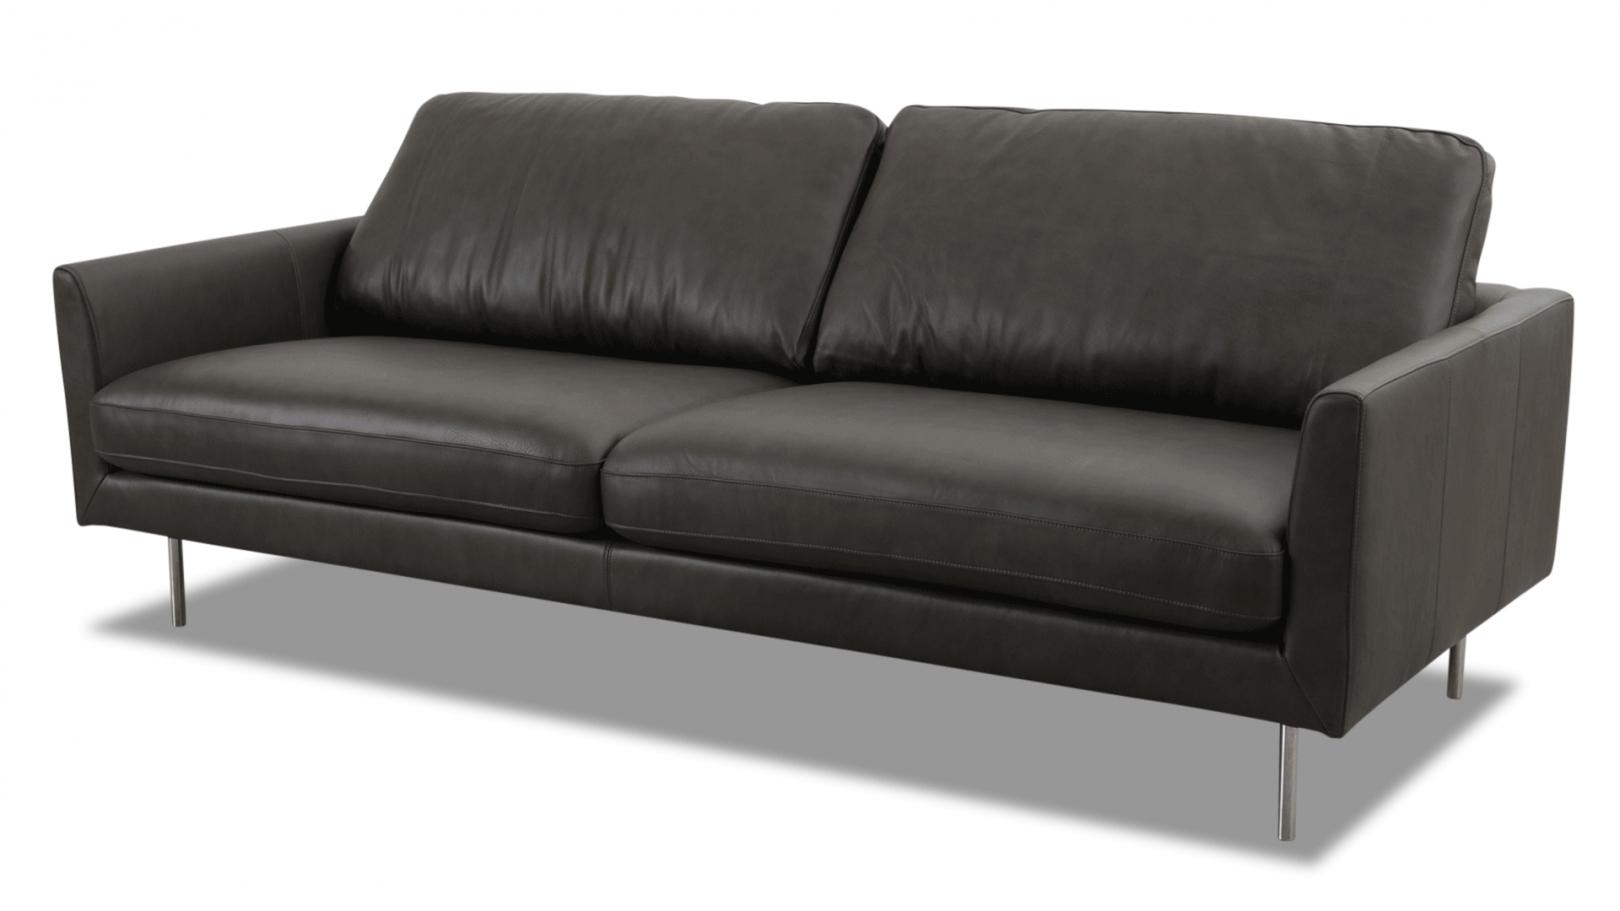 Tommy M Sofa Mayfair In Leder Jupiter Grau In 2020 Sitzen Sofa Outlet Sofa